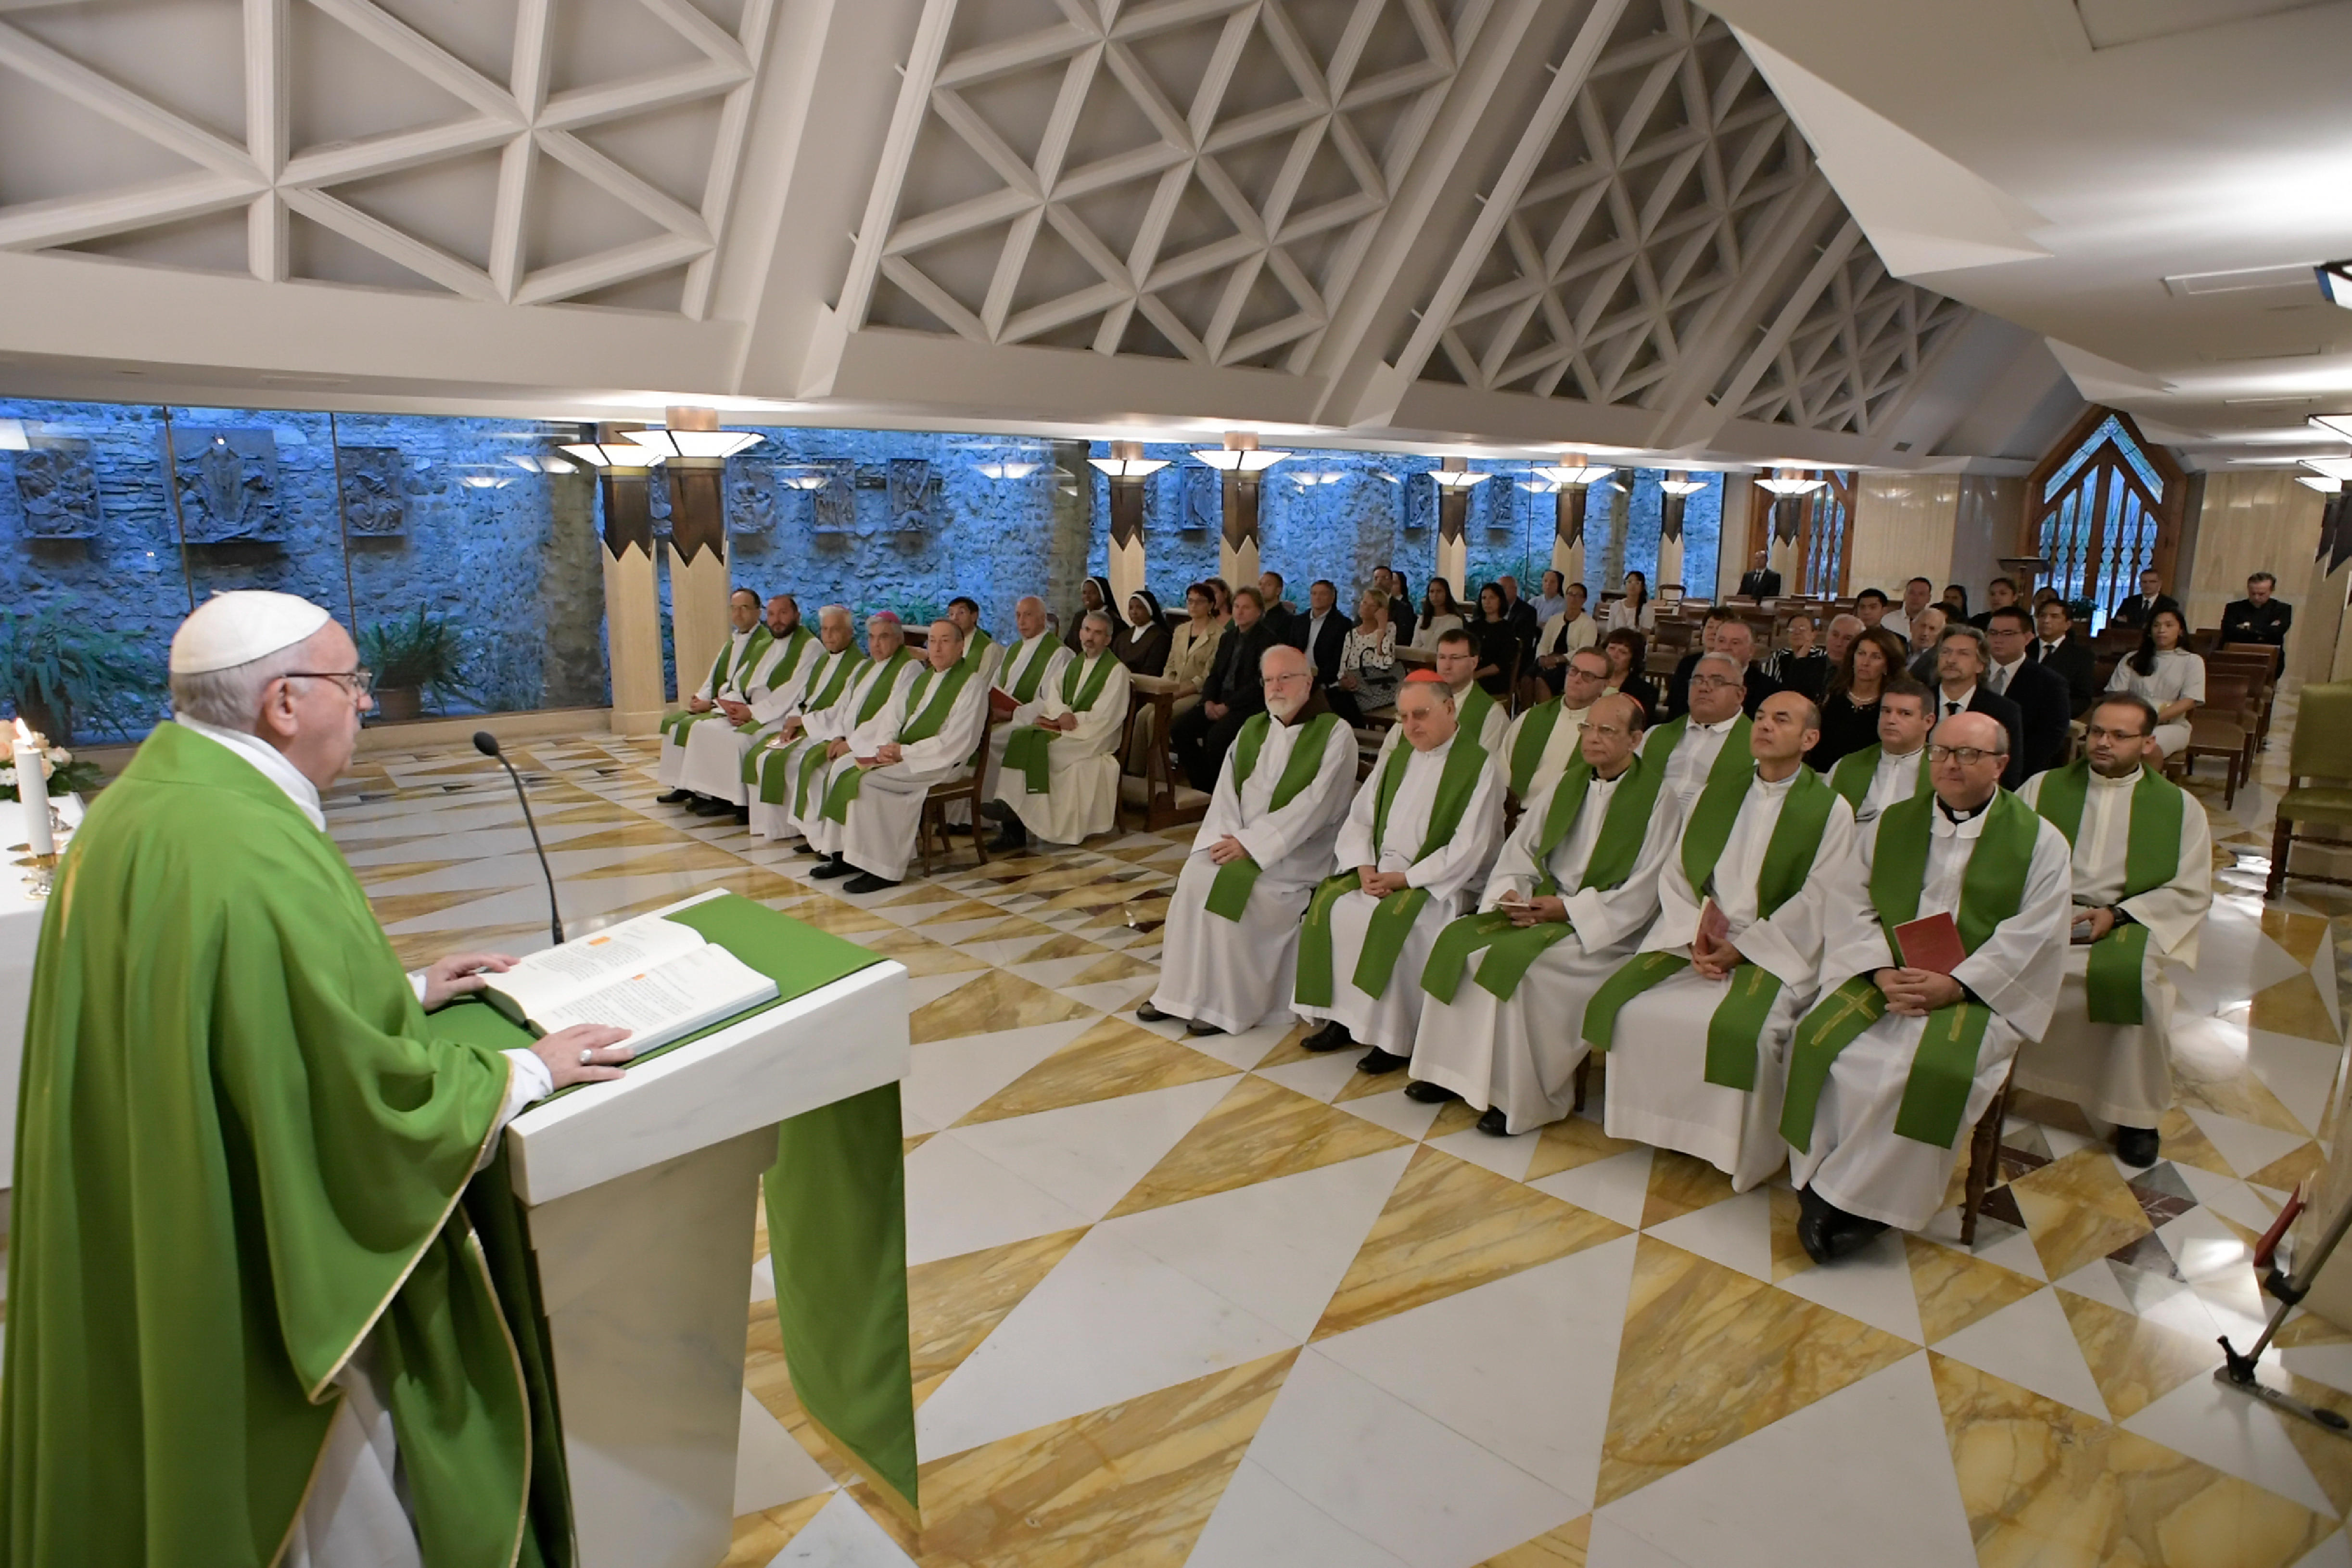 Obispos en la Misa de Santa Marta, 11 sept. 2018 © Vatican Media